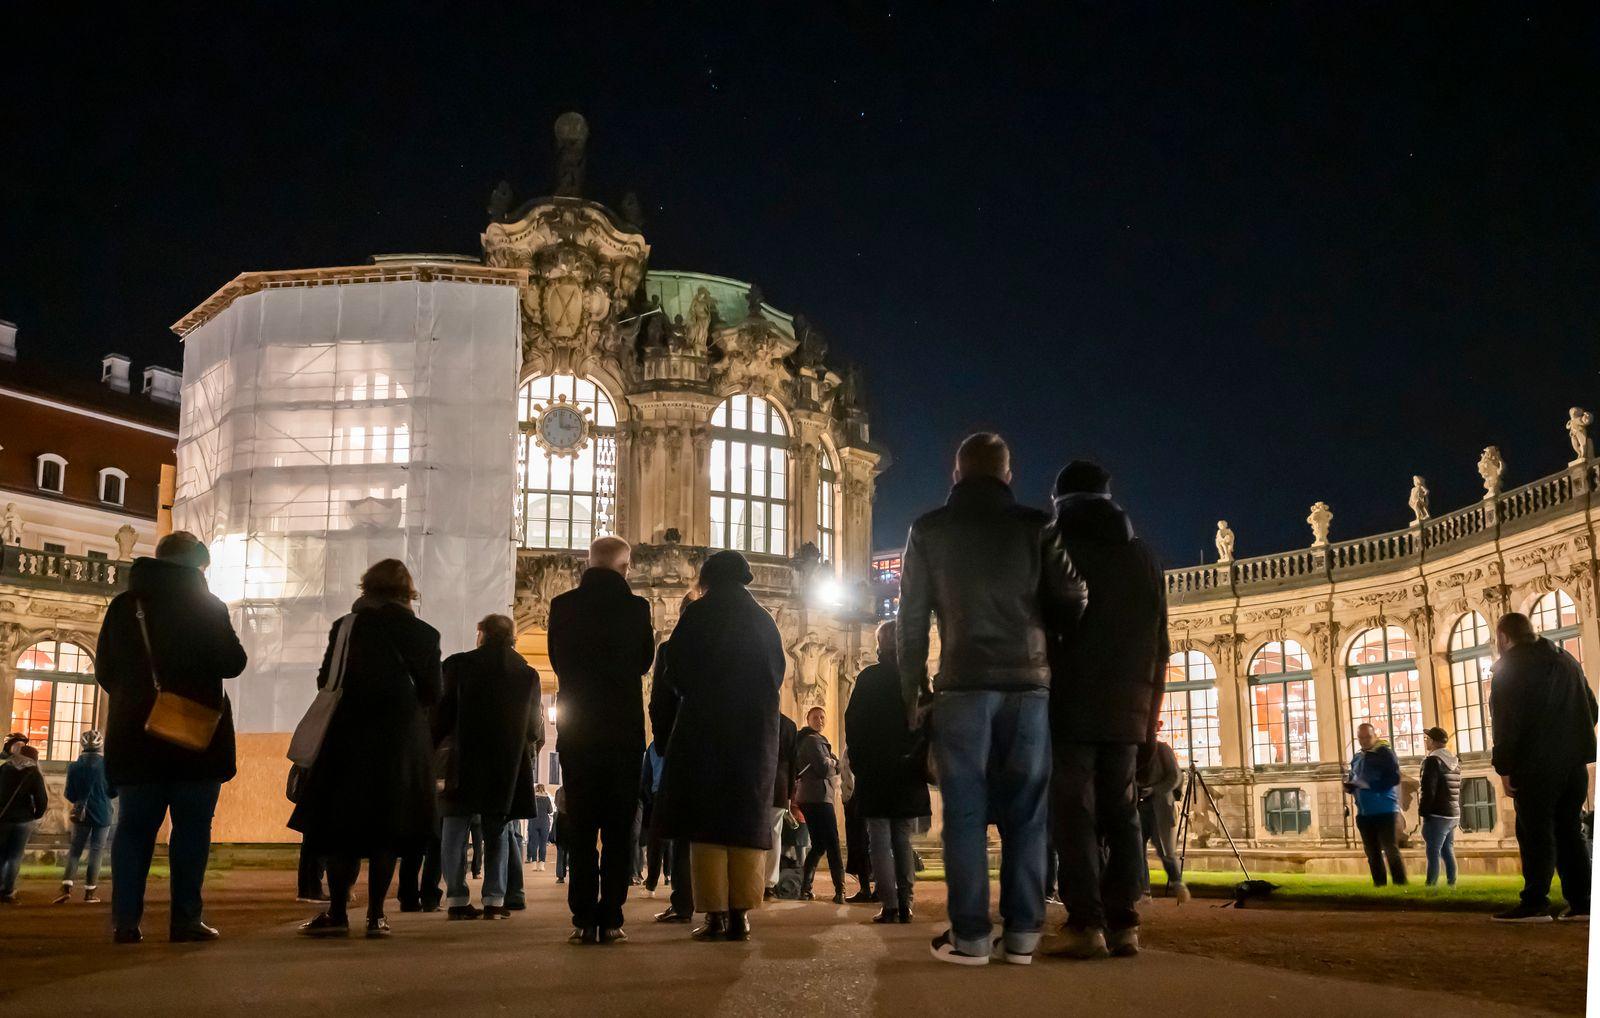 Uhren sind umgestellt - Ritual am Zwinger in Dresden